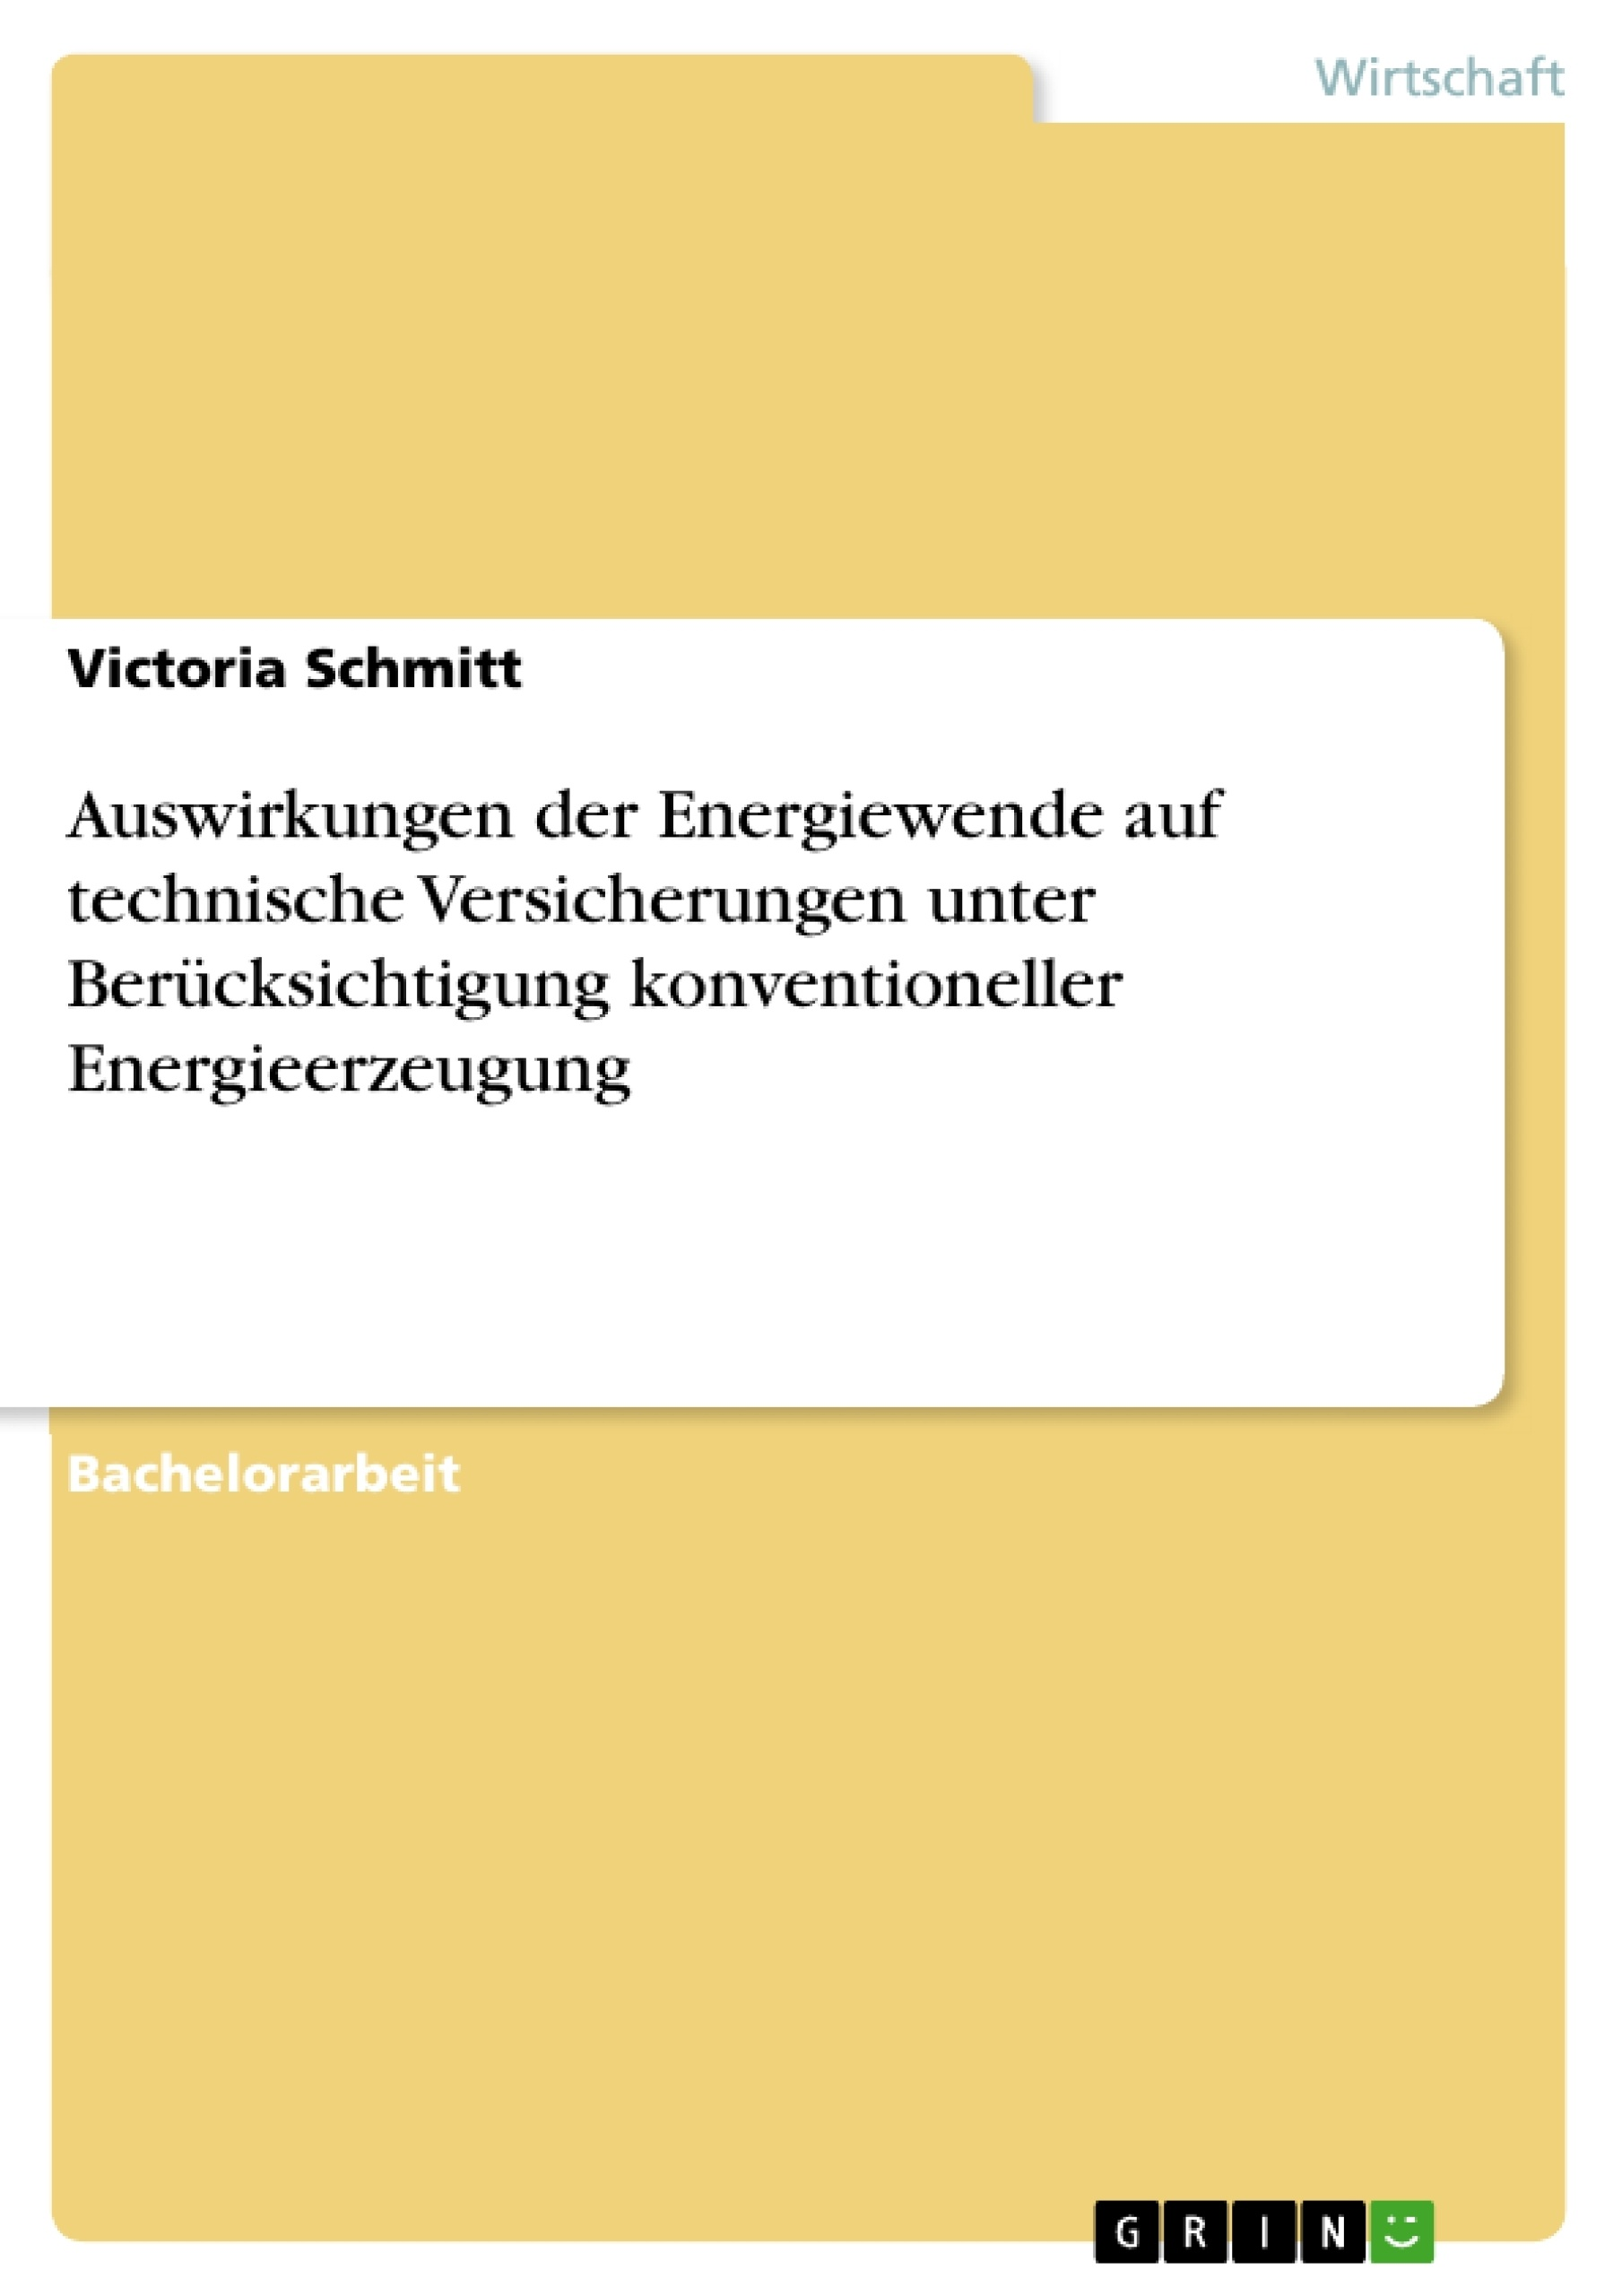 Titel: Auswirkungen der Energiewende auf technische Versicherungen unter Berücksichtigung konventioneller Energieerzeugung